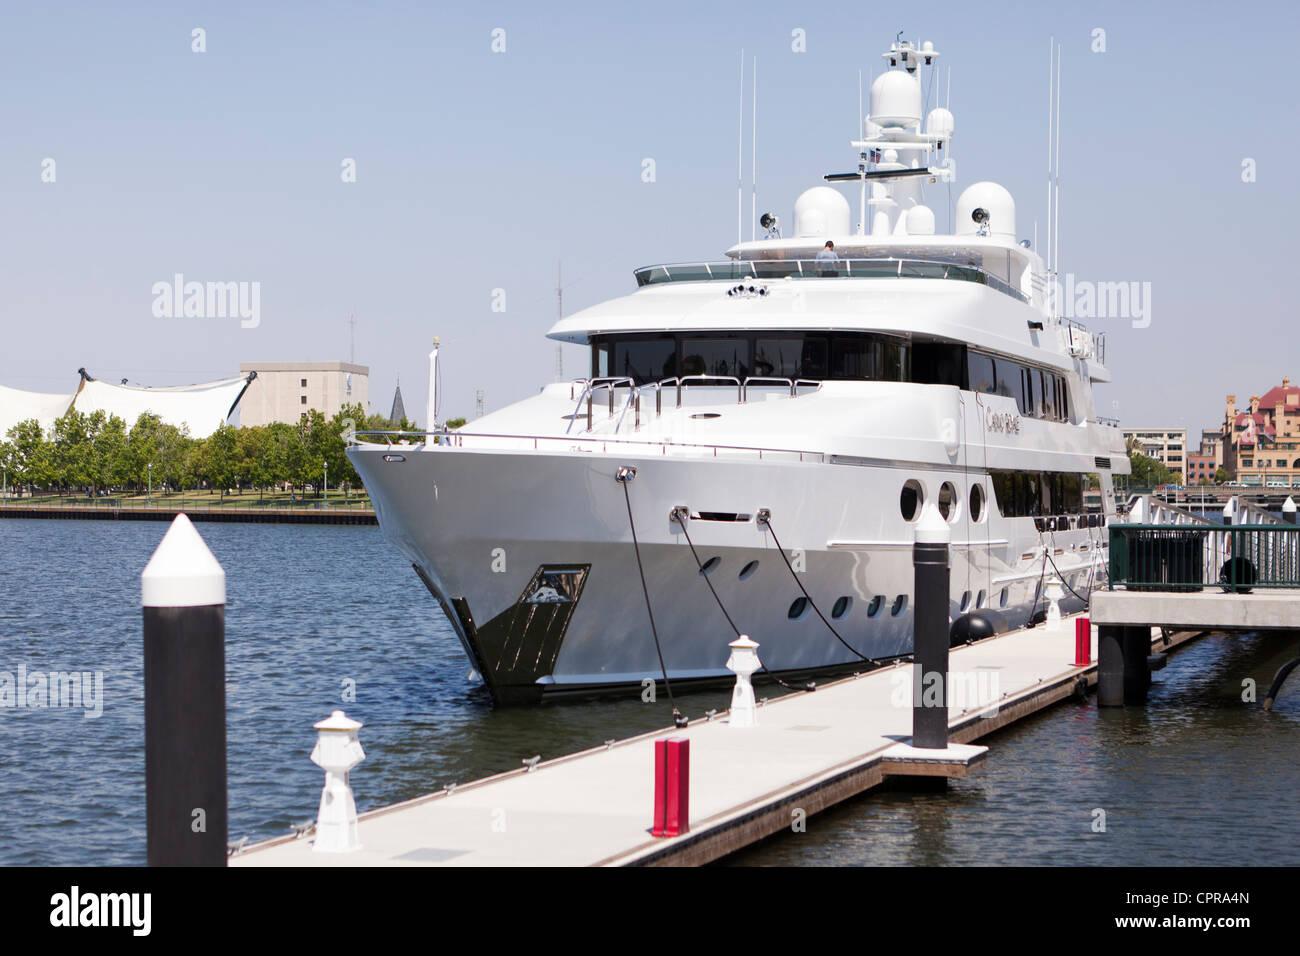 Docked luxury yacht - Stock Image